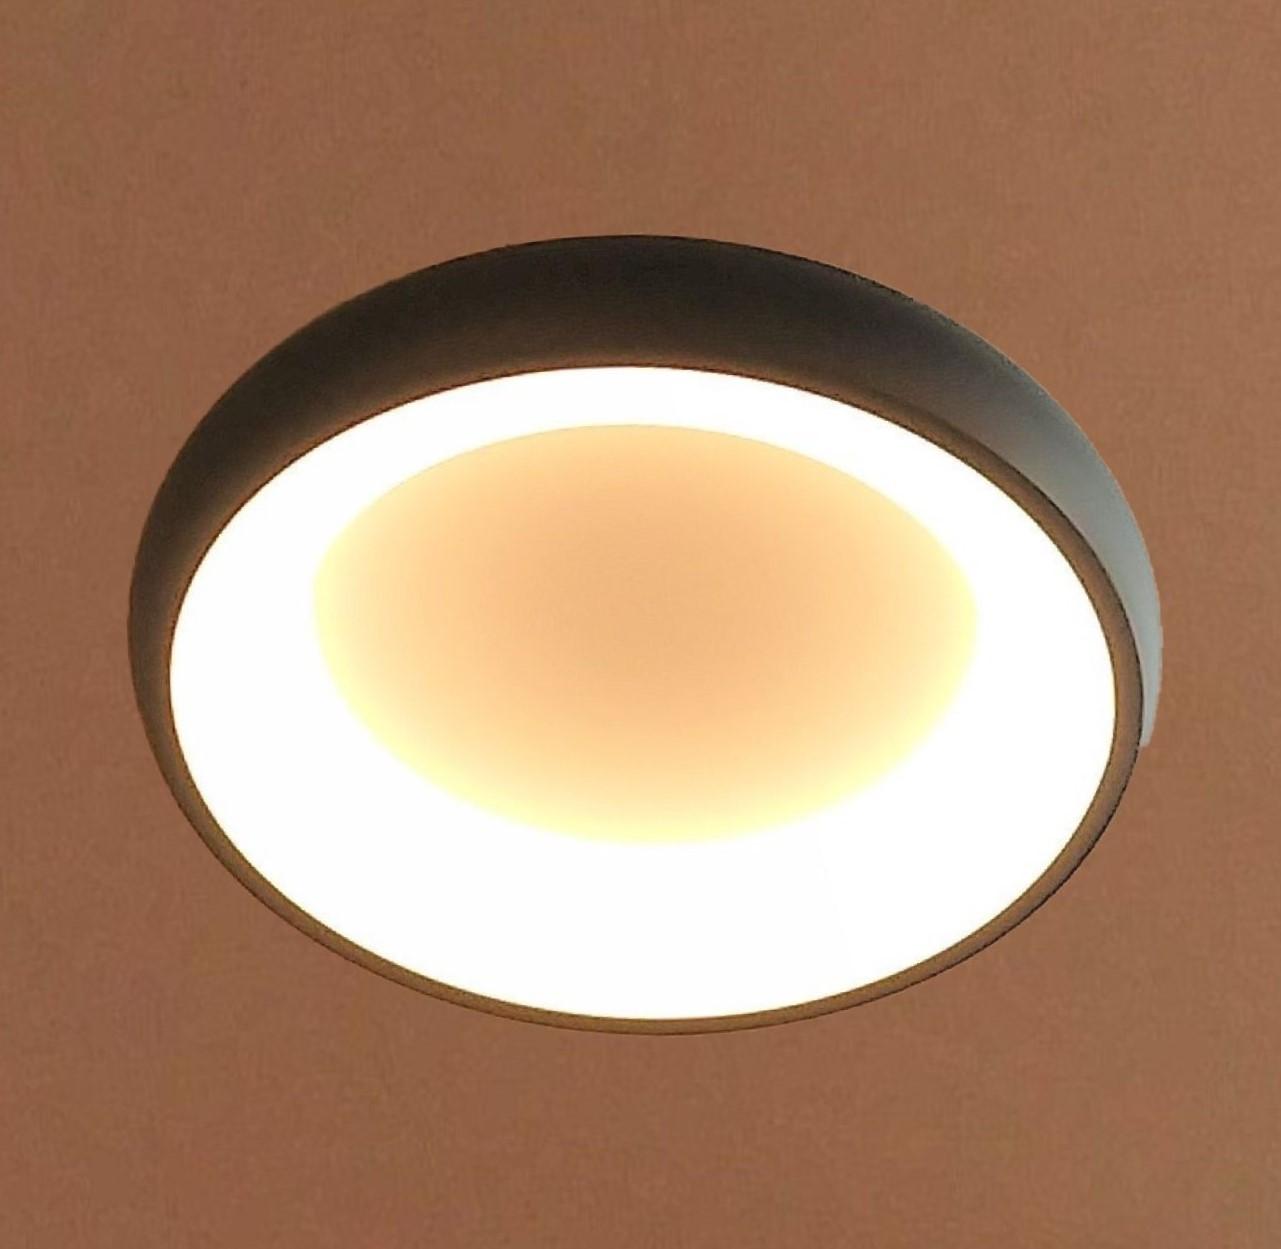 Luminária Plafon De Led Redondo 42cm Preto Para Sala Quarto Corredor Hall Área Gourmet